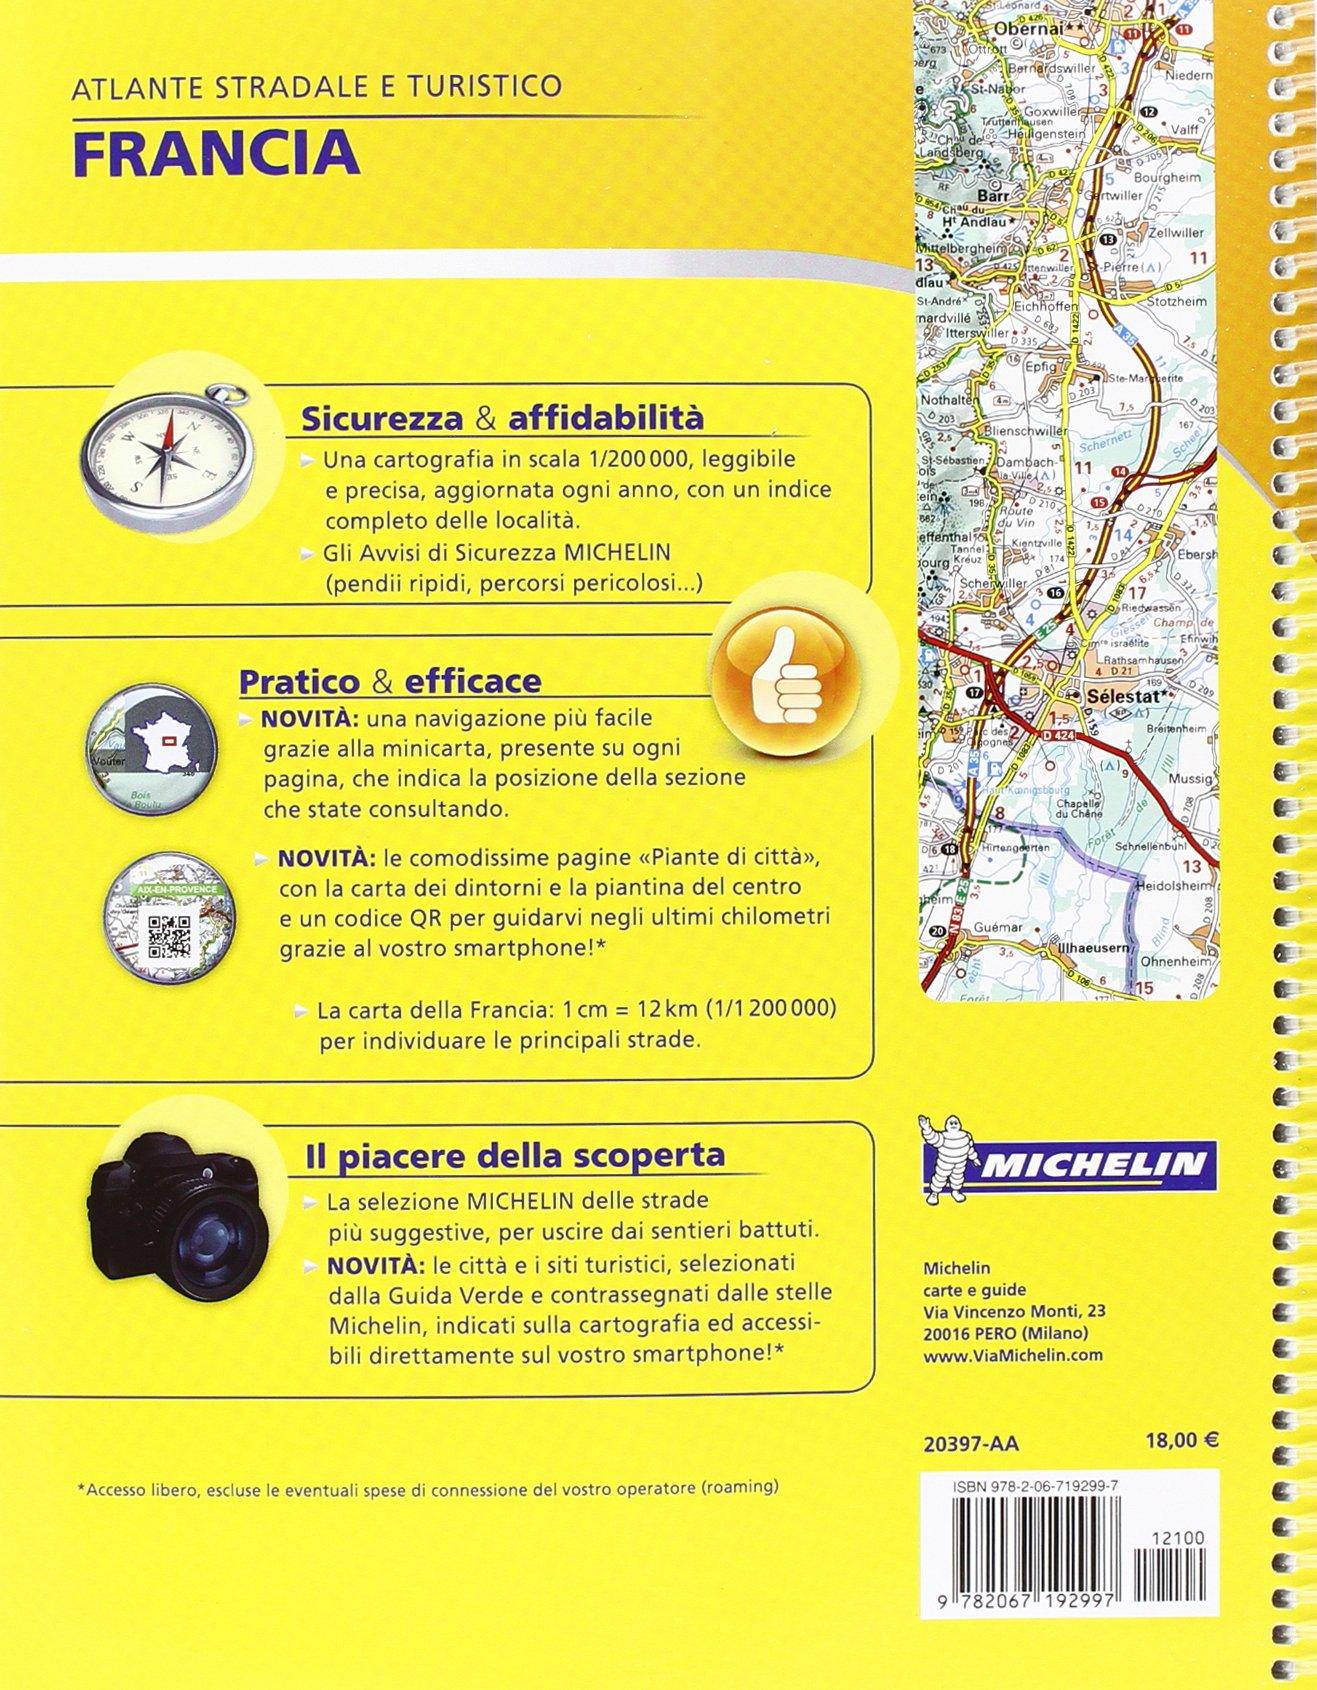 Cartina Stradale Francia Michelin.Amazon It Francia Atlante Stradale E Turistico 1 200 000